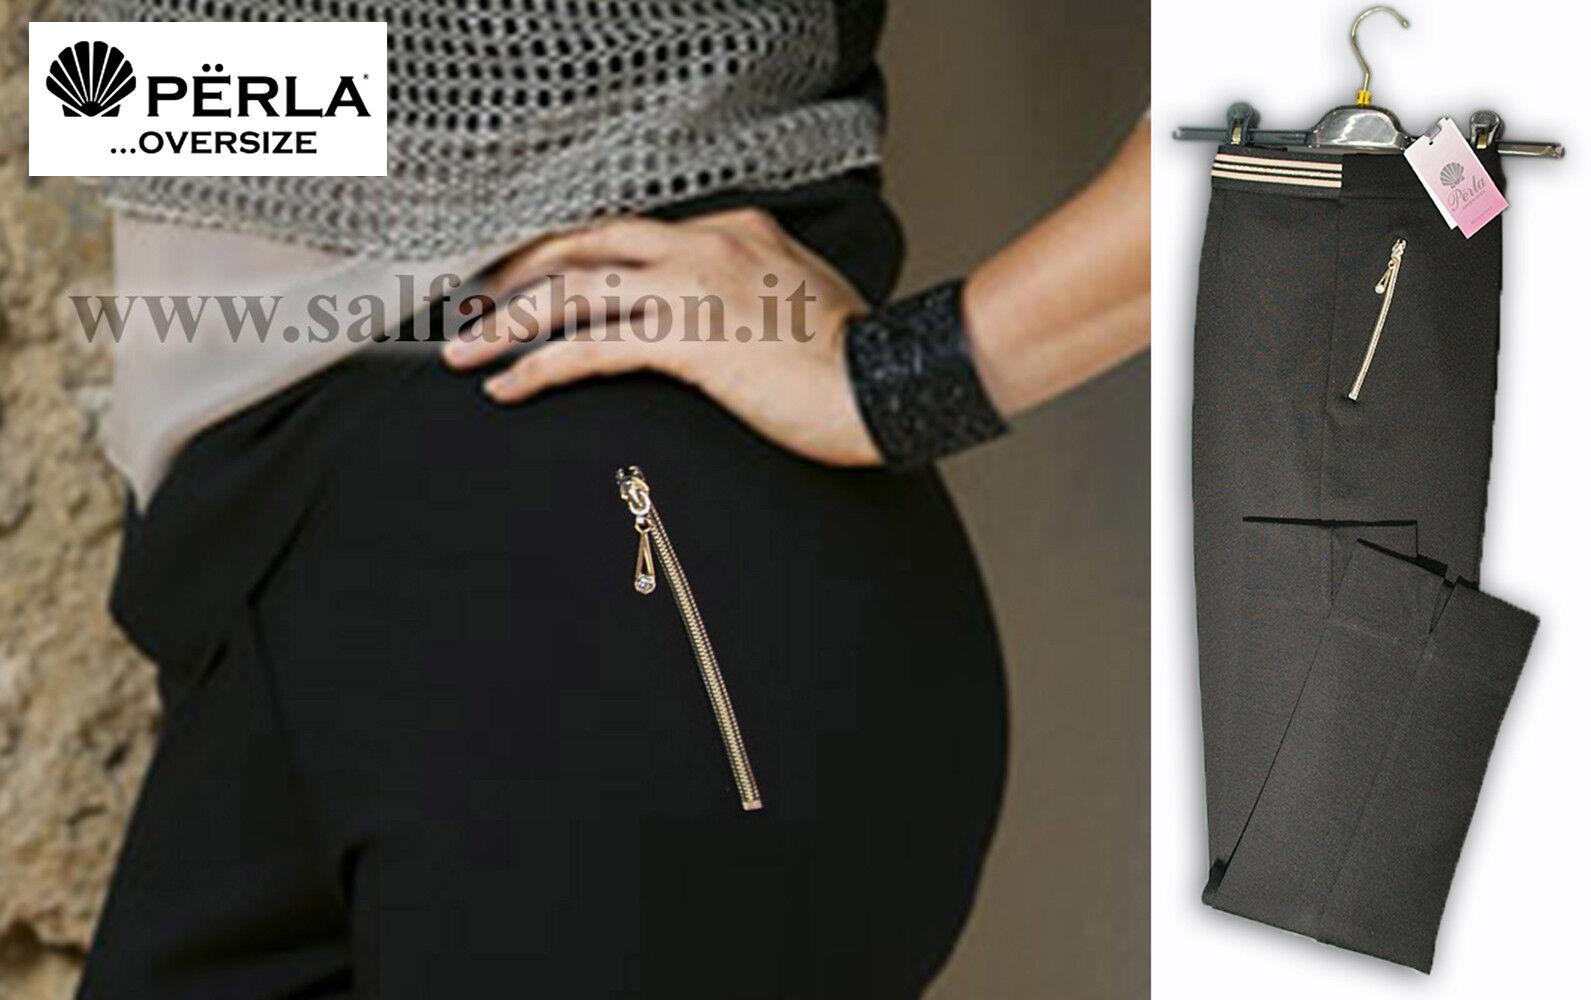 Damenhose Winter Bielastischem Schwarz Made in  Perla OverGröße 13-16338